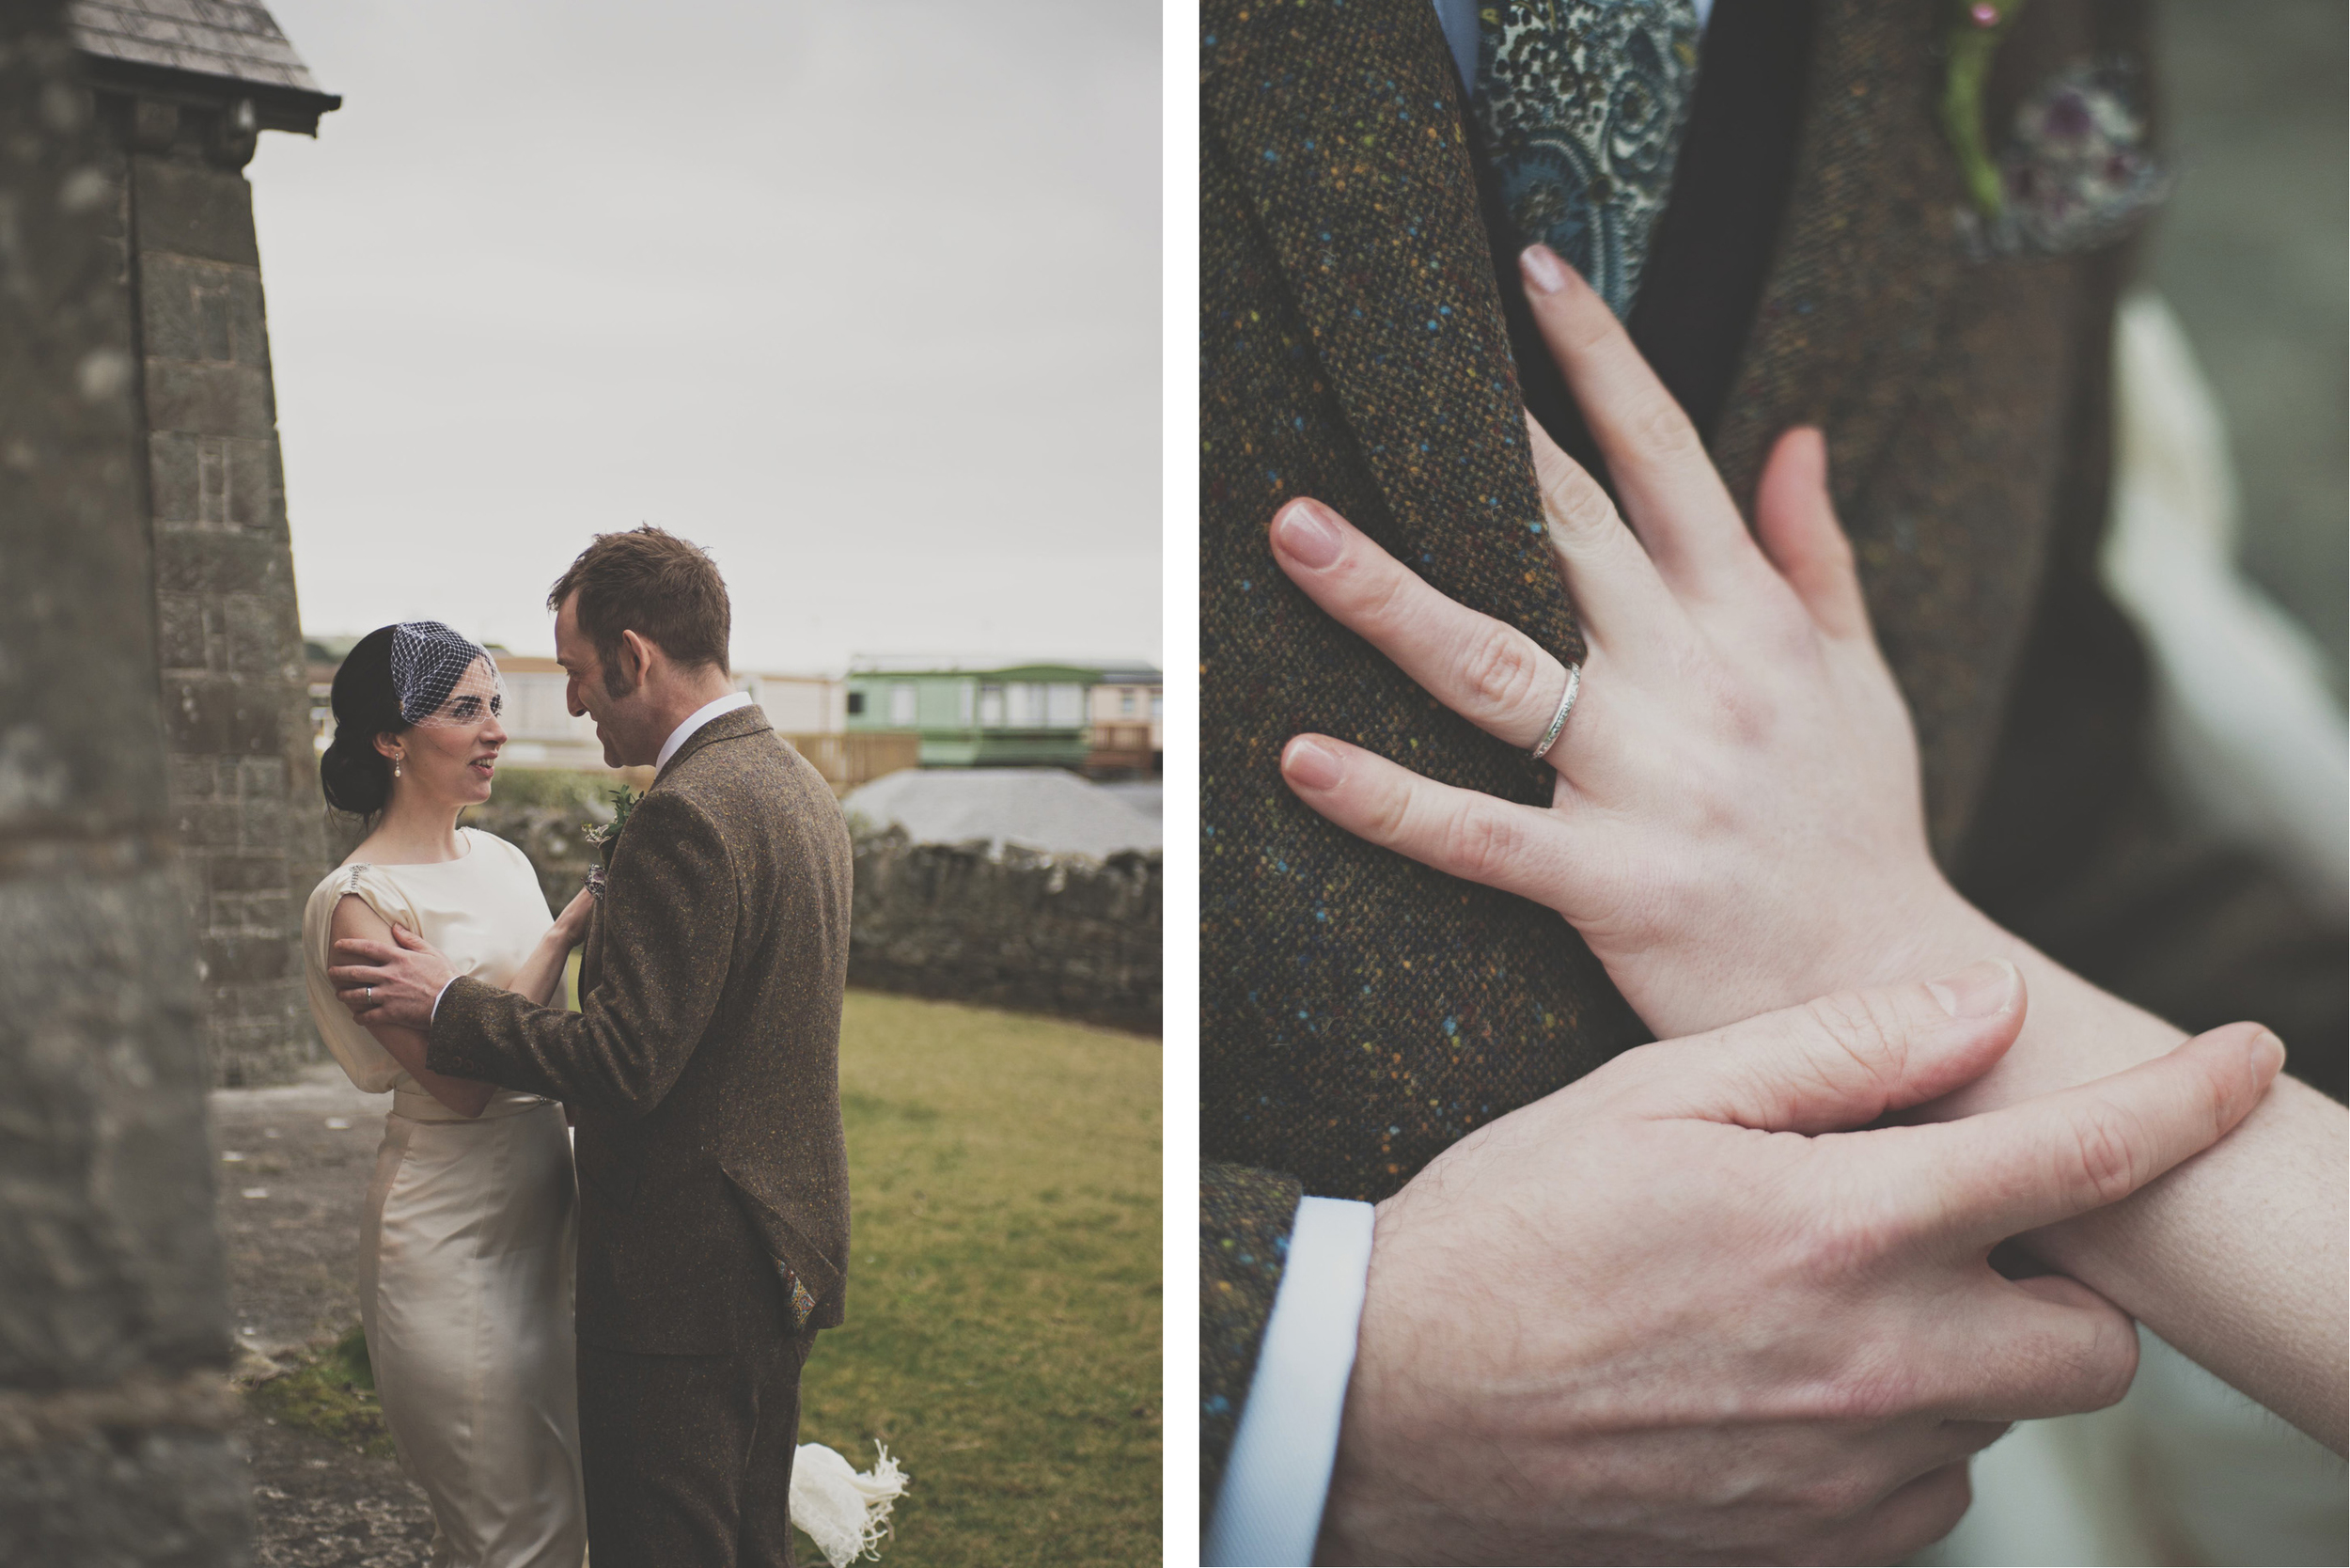 Wedding couple photographs